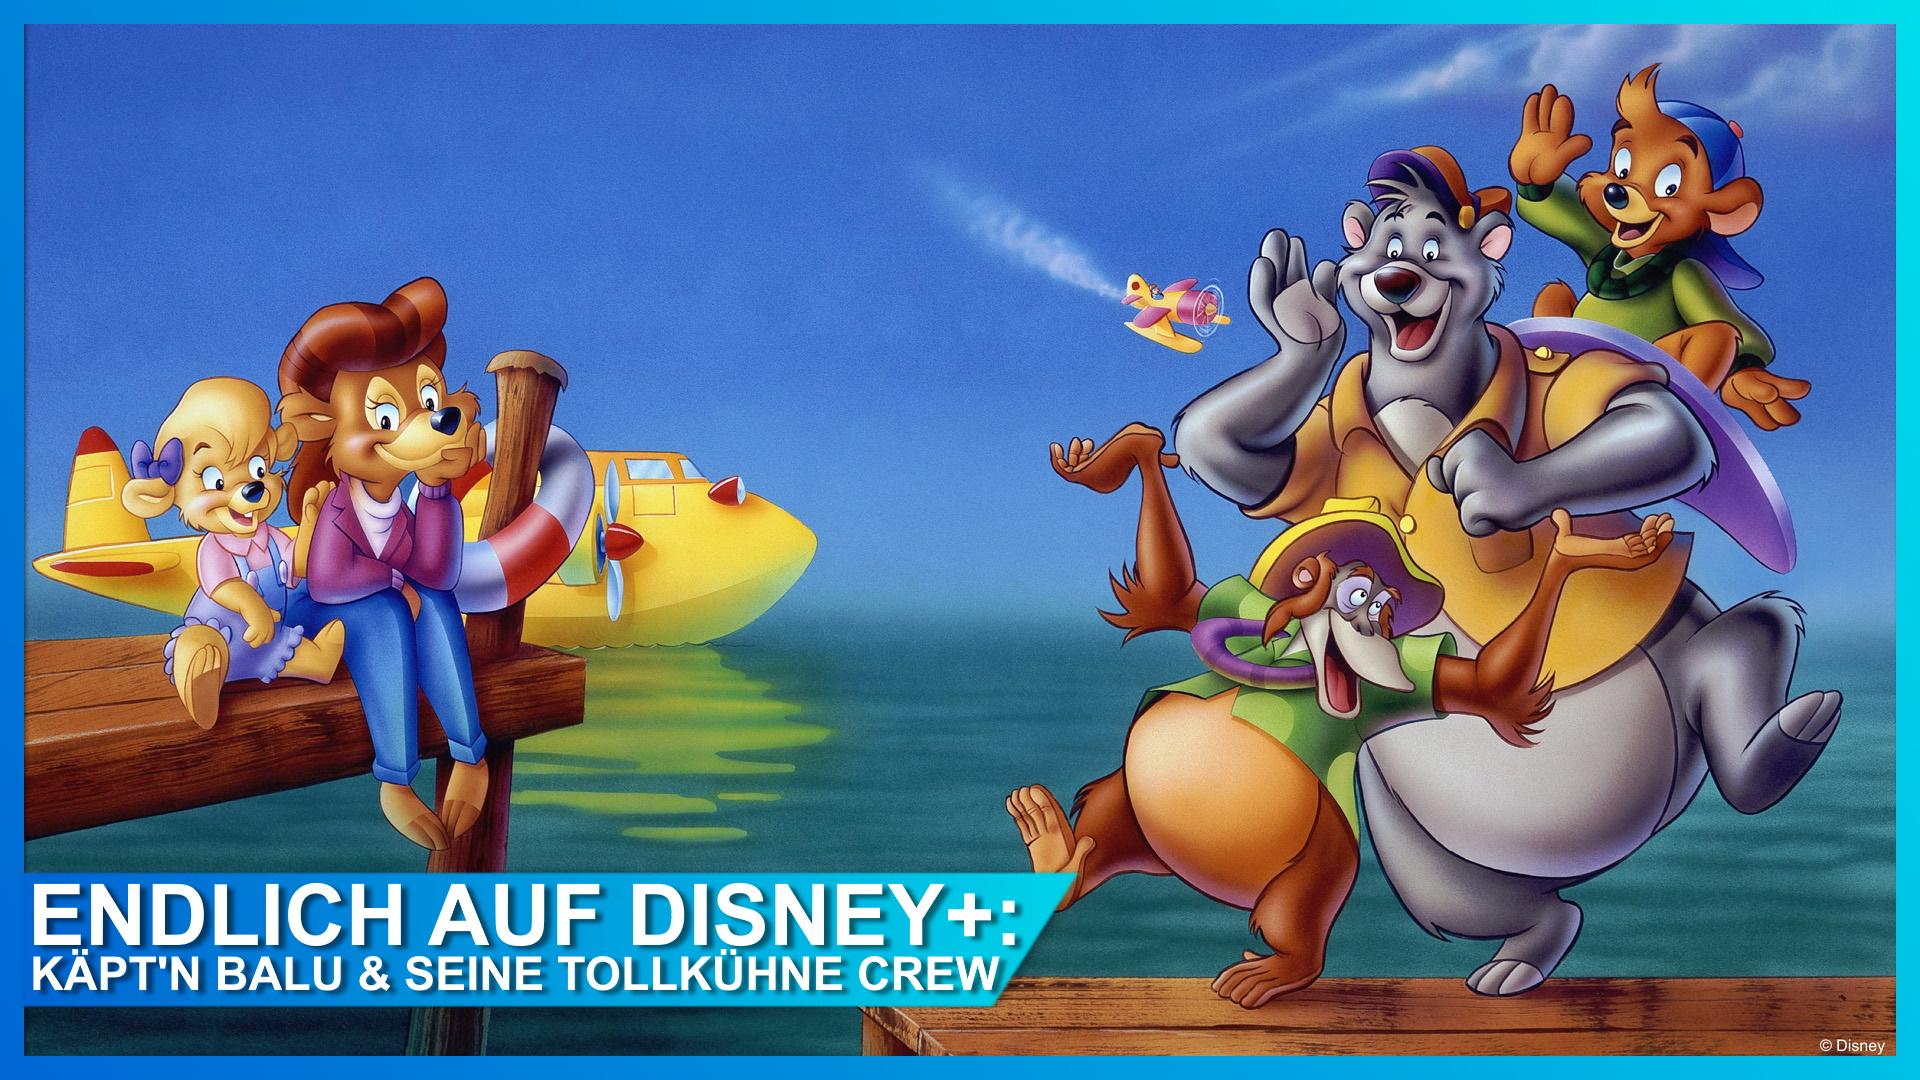 """EILMELDUNG: """"Käpt'n Balu & seine tollkühne Crew"""" ab August endlich auf Disney+!"""